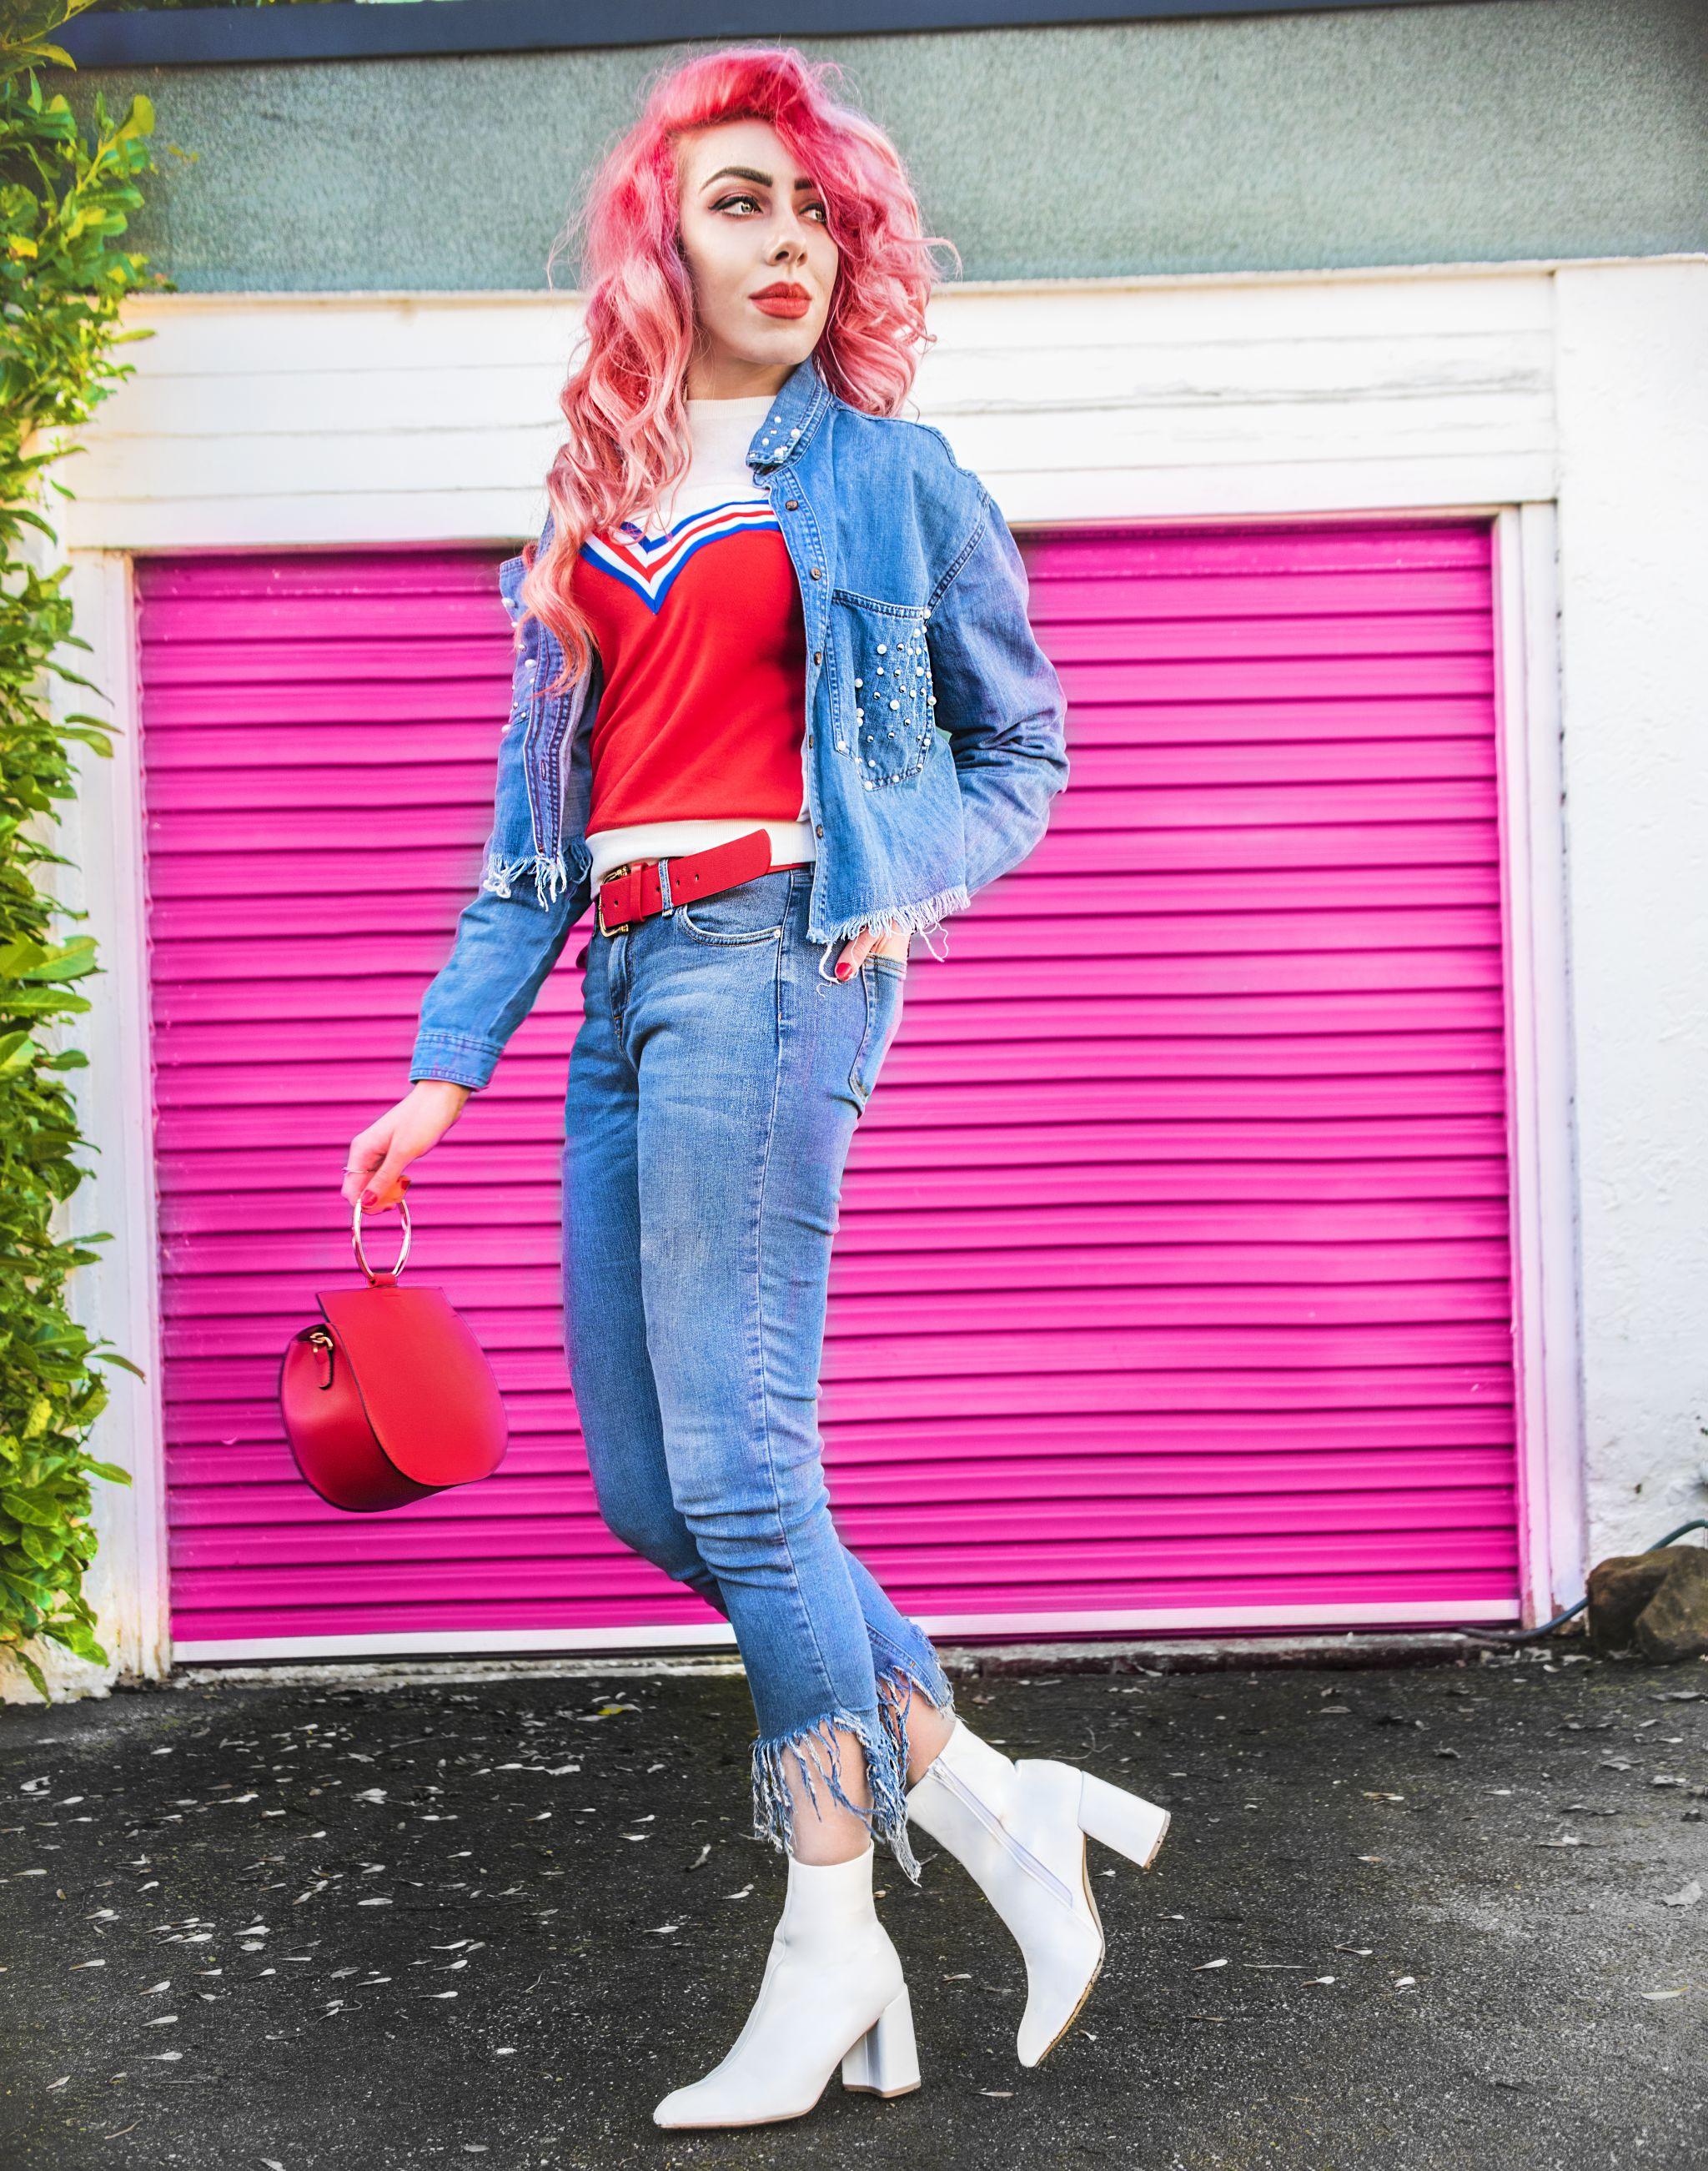 Stephi LaReine pink hair fashion blogger